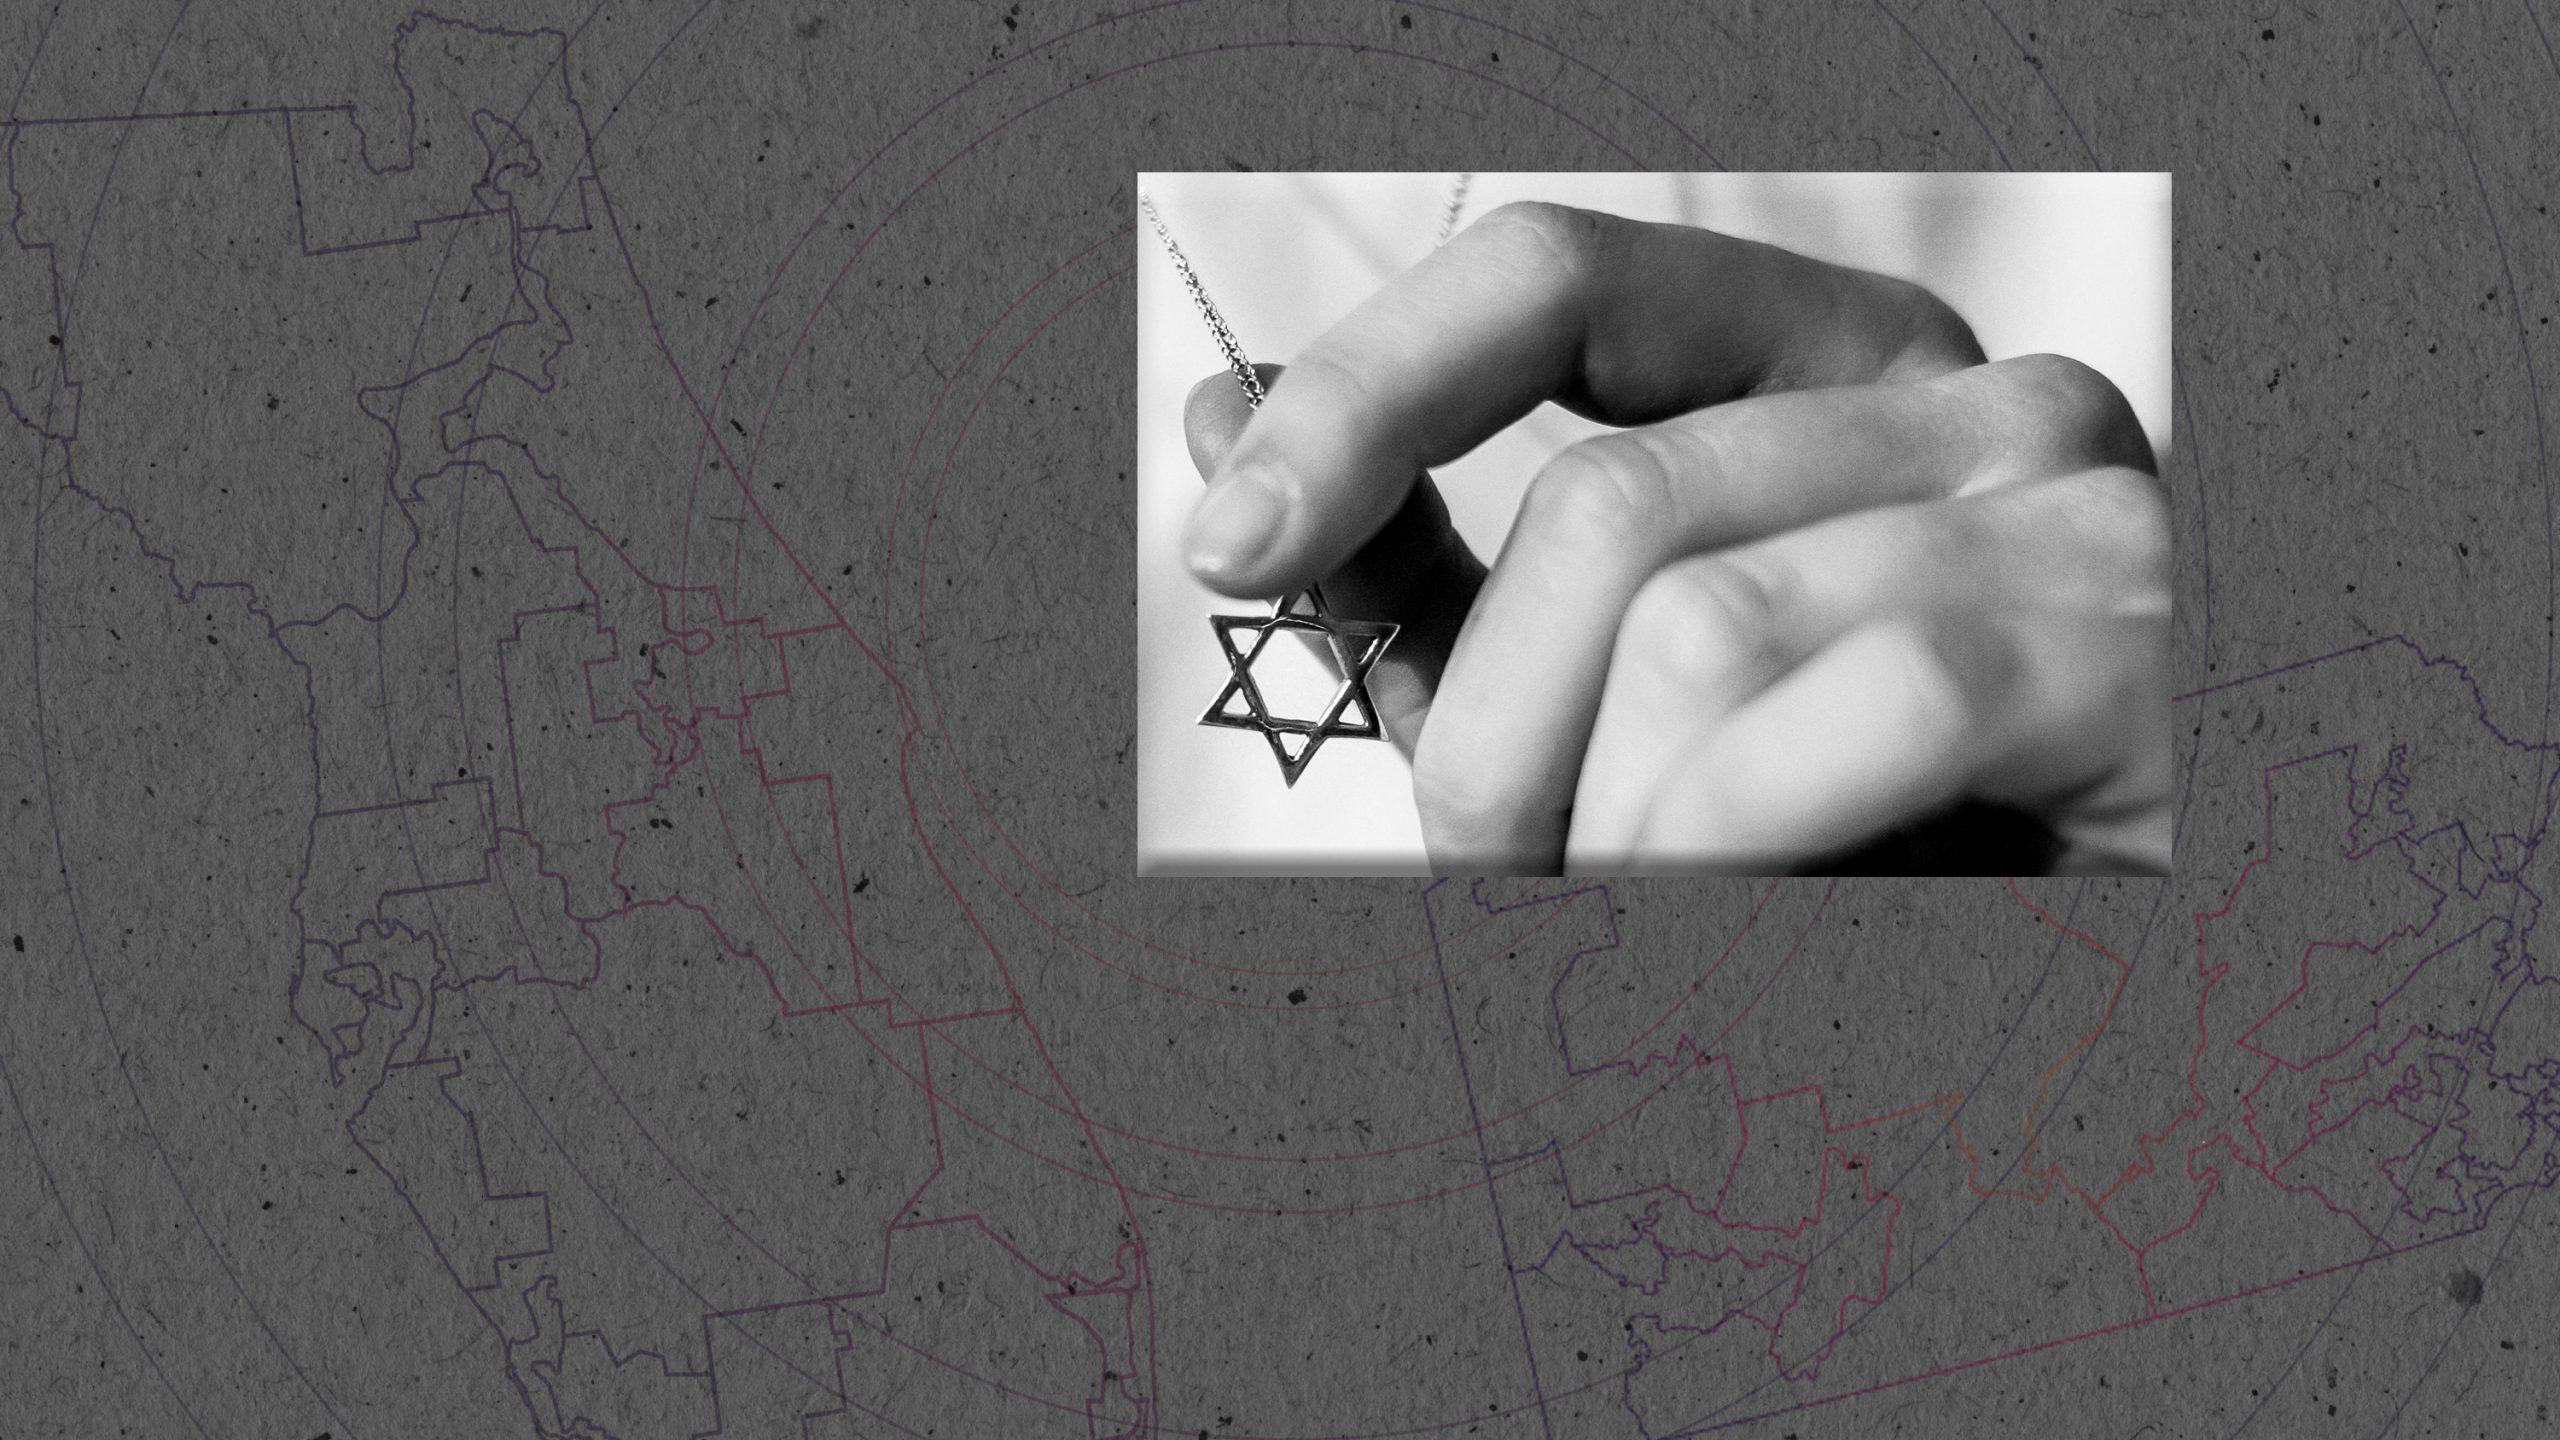 選挙戦術に利用される「反ユダヤ主義」、分断・対立の標的に